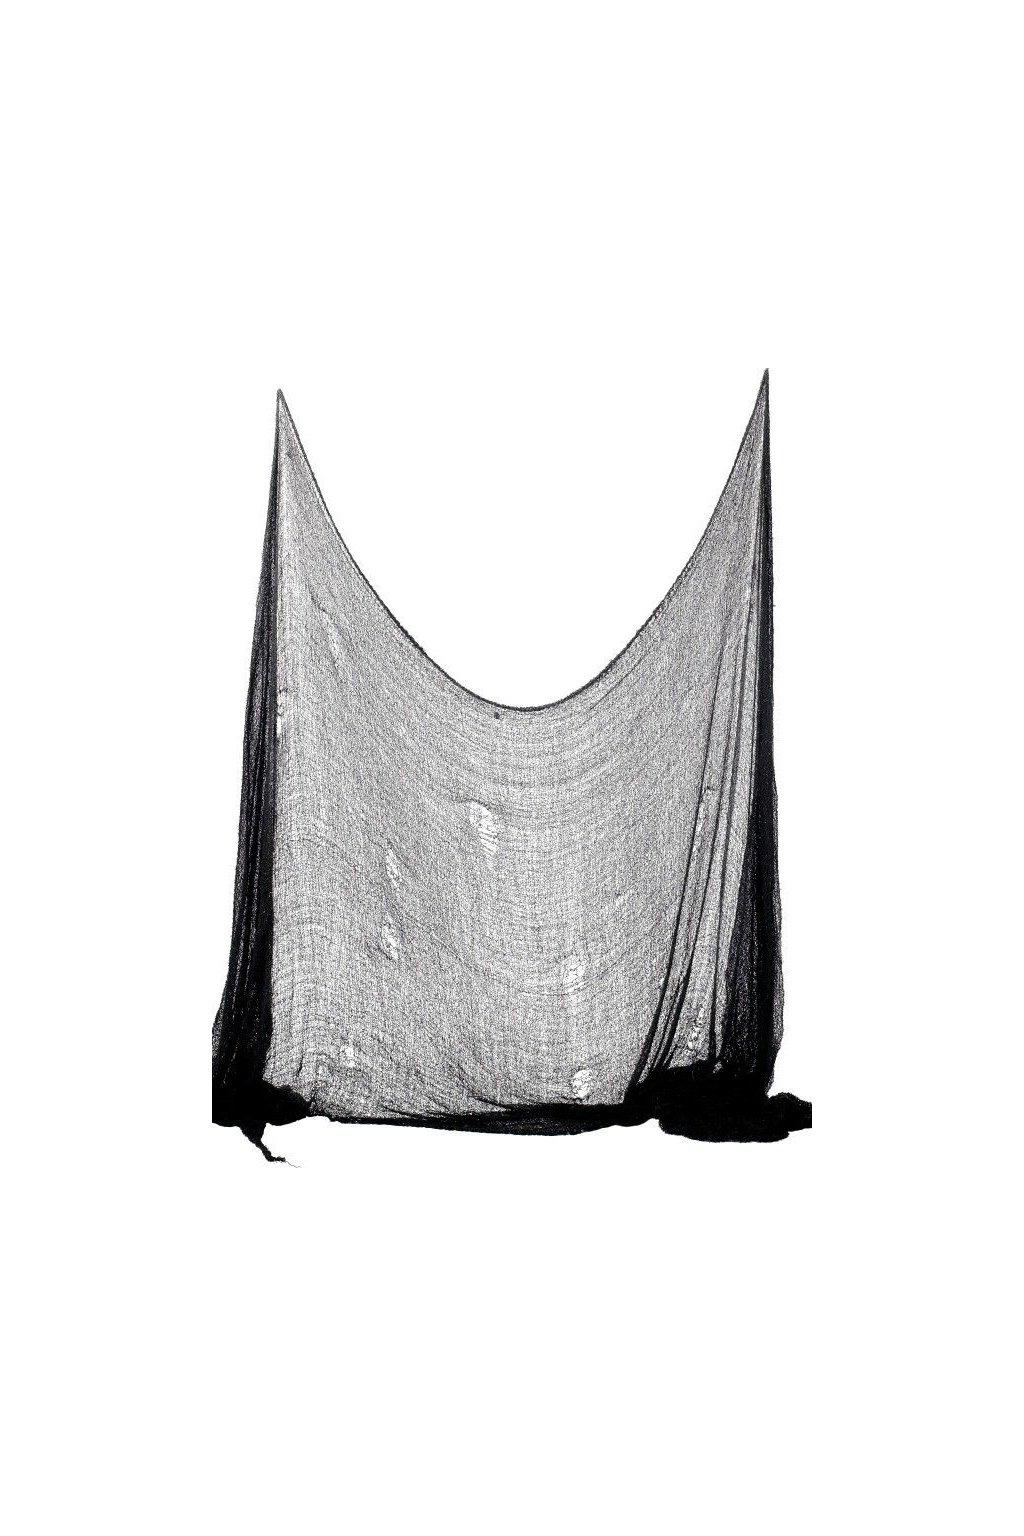 Hororové sukno černé 300 x 75